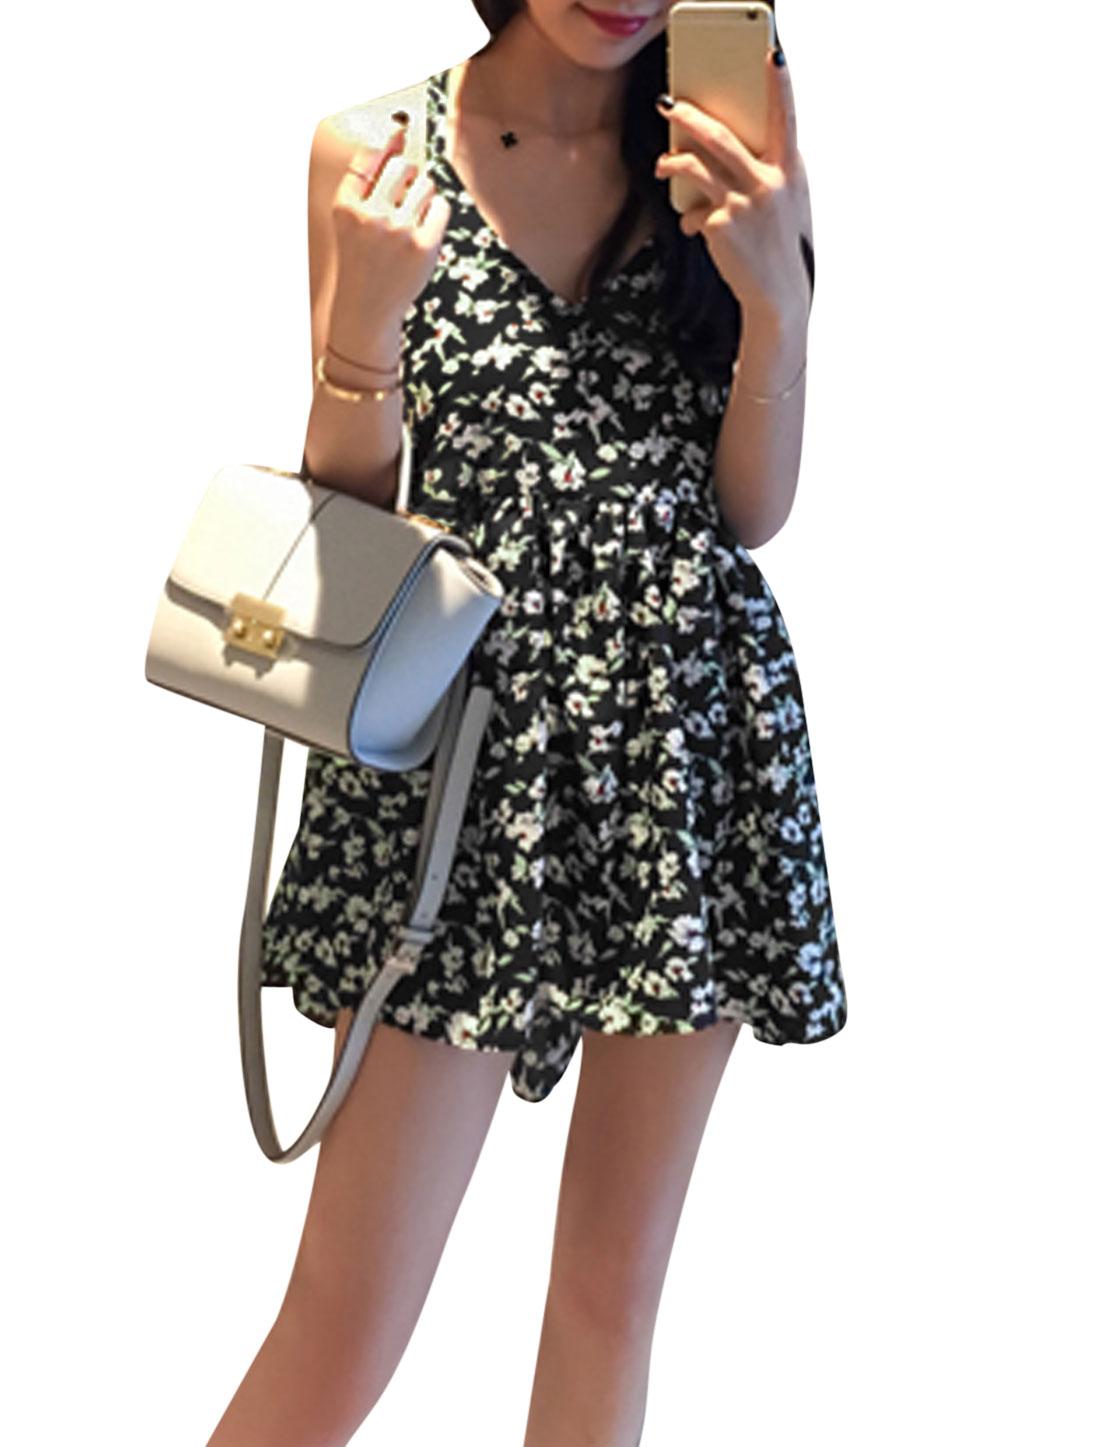 Women Floral Prints Deep V Neck Slipover Strappy Back Summer Dress Black M